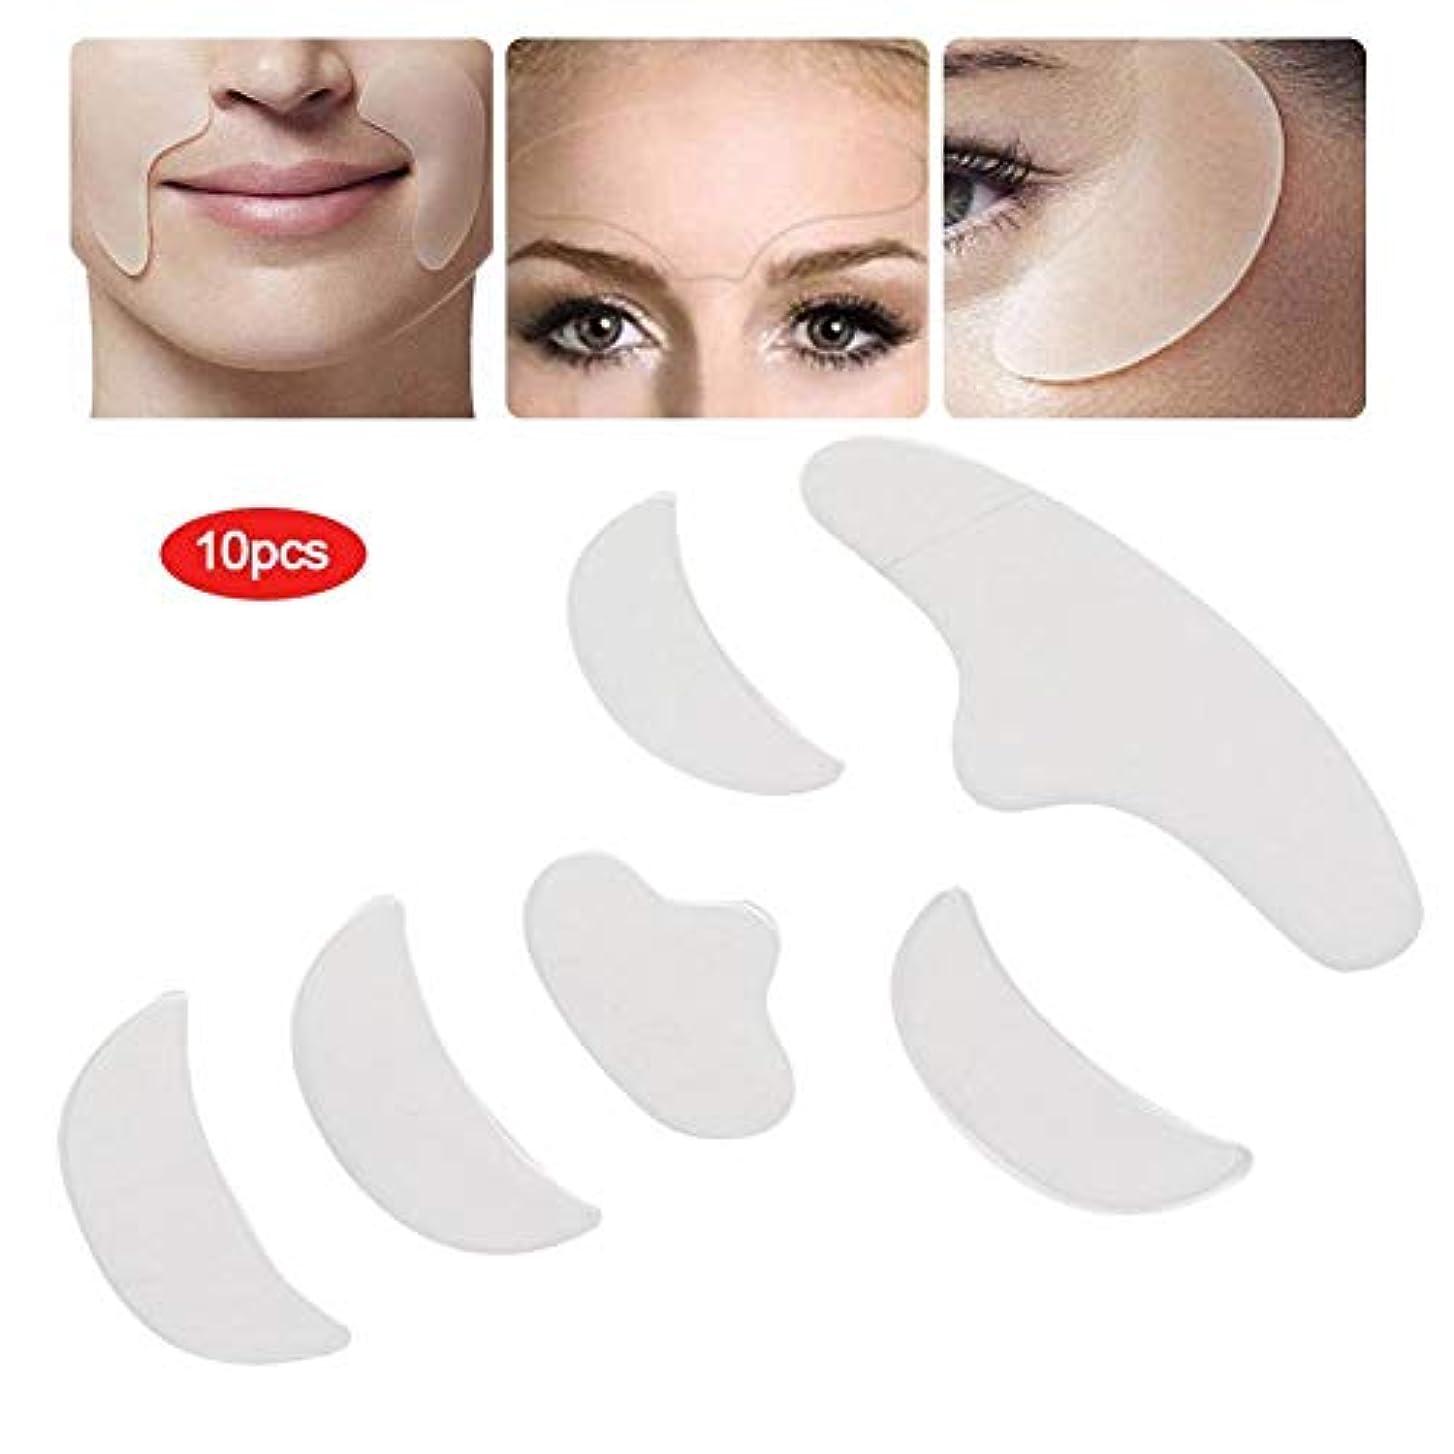 テセウスランダムとは異なり額のあごの顔のための6本のシリコンリンクルパッド